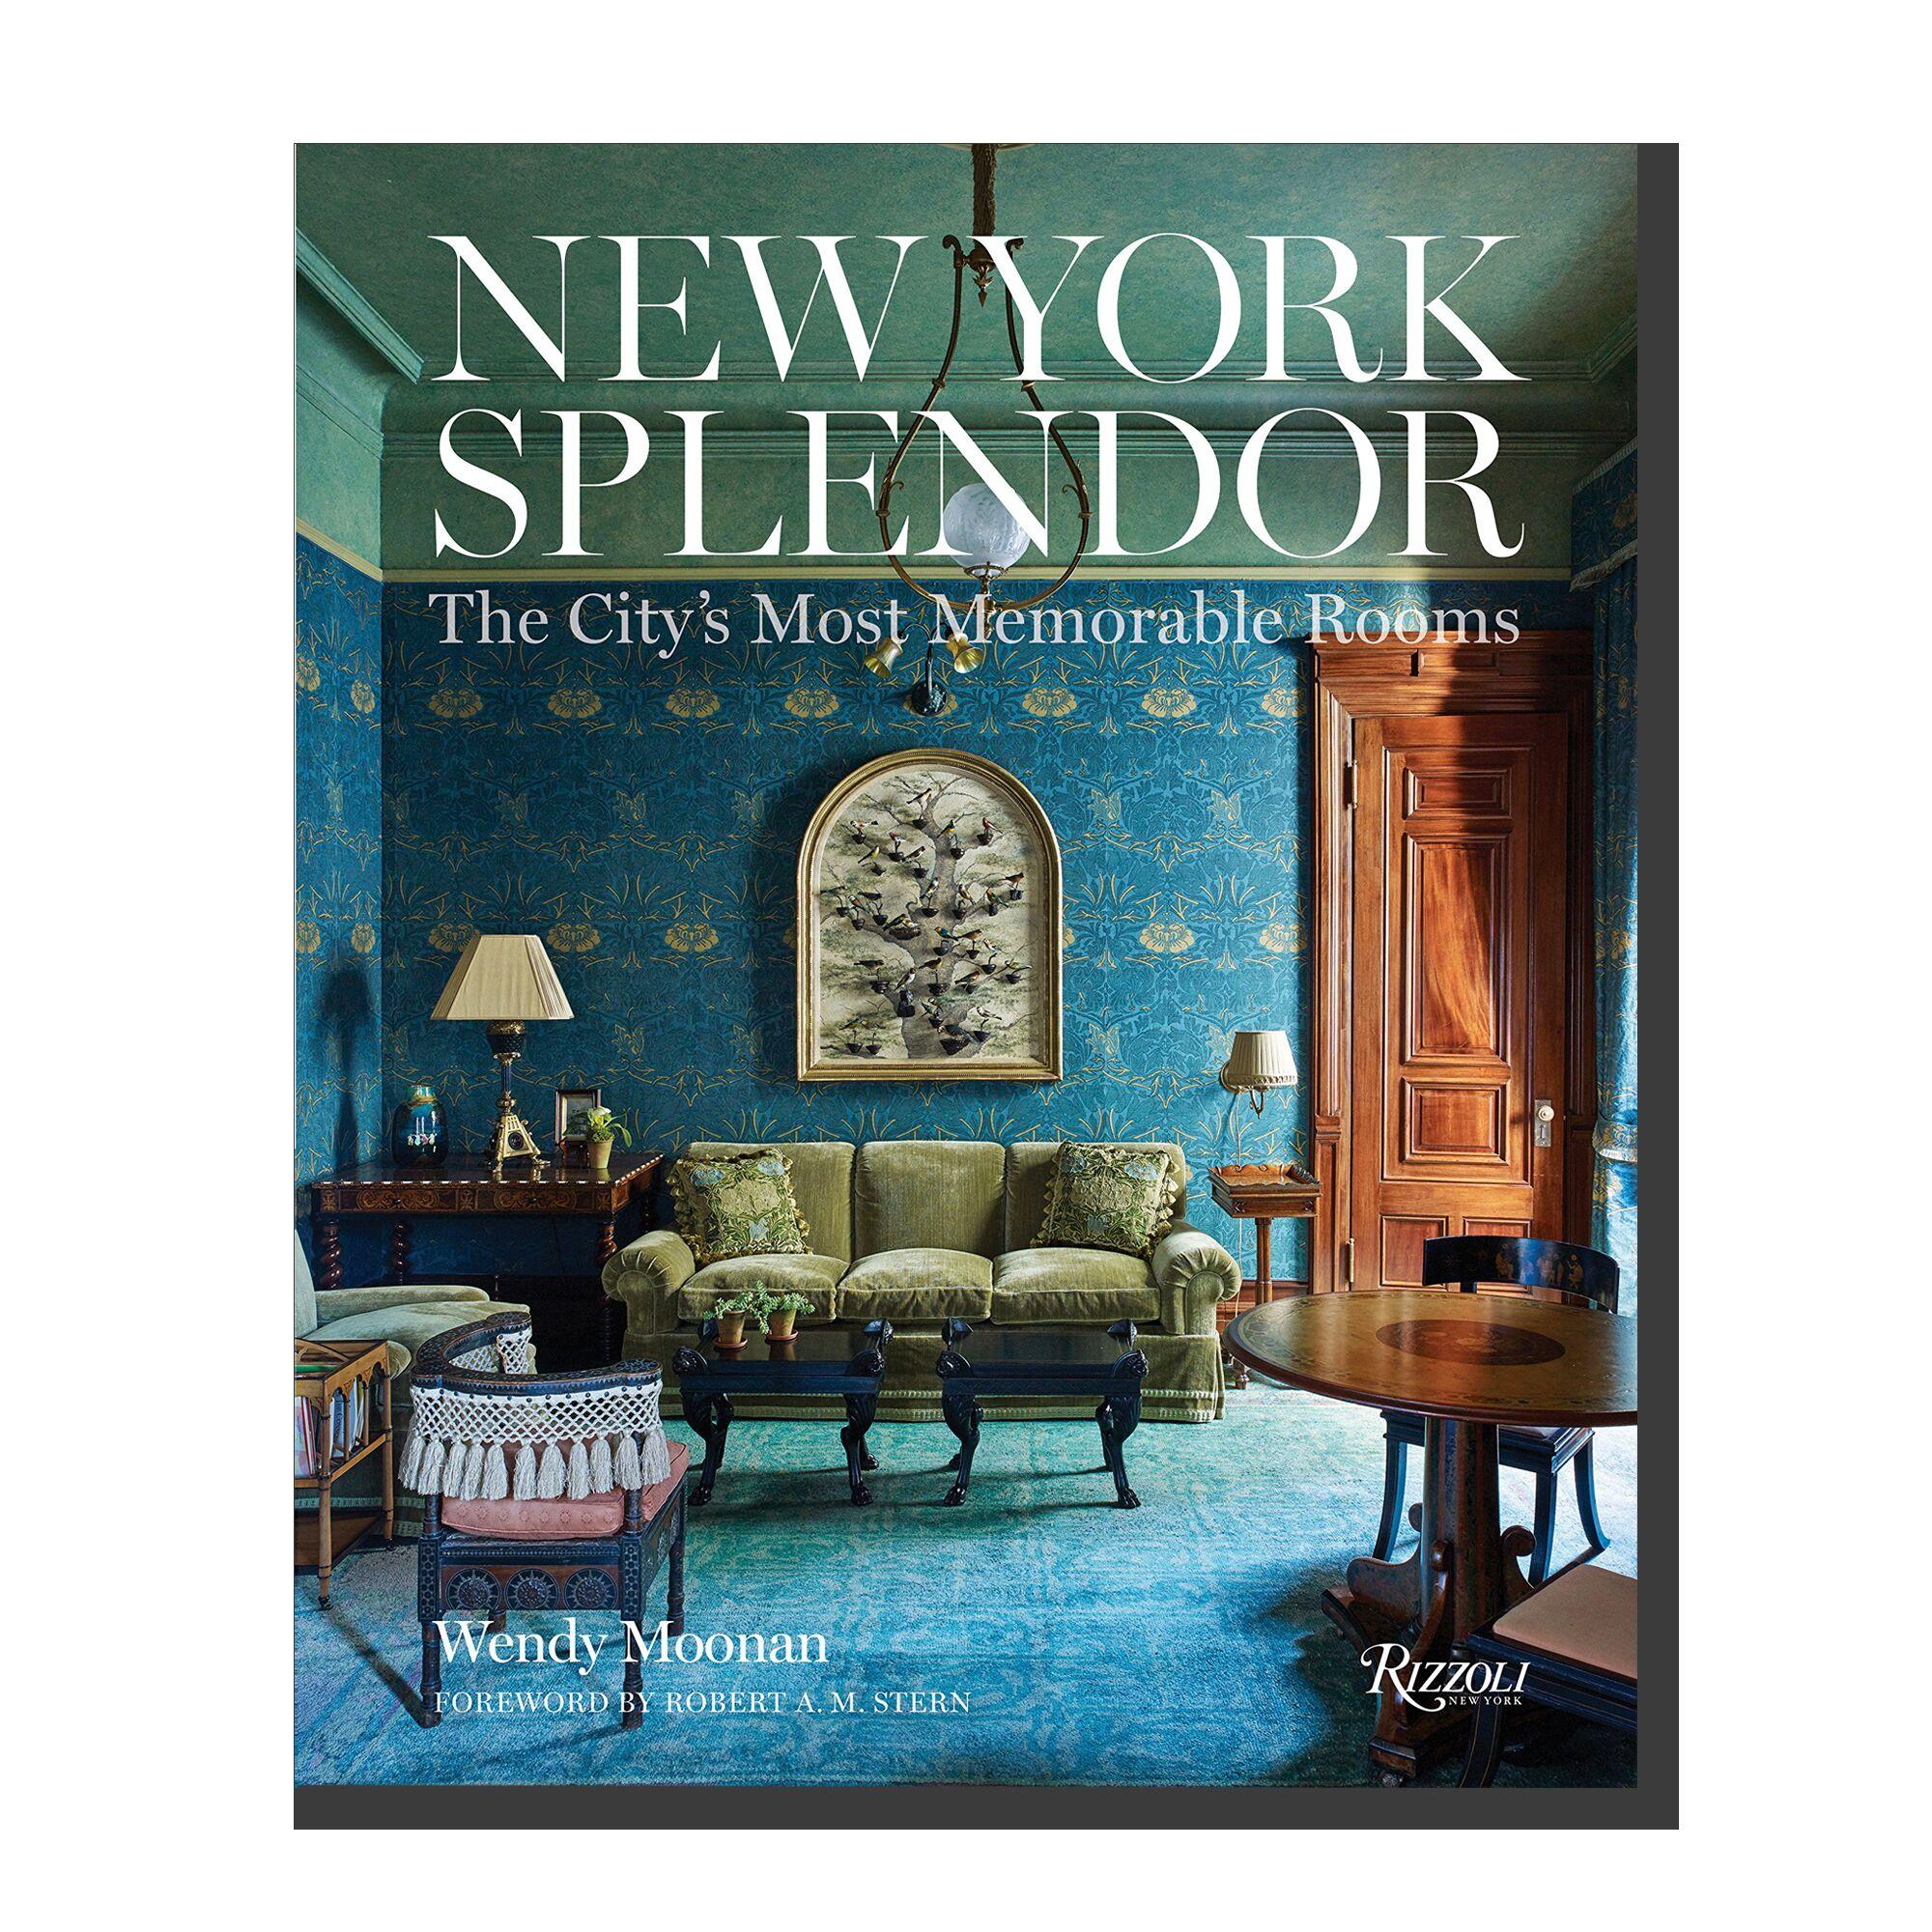 New York Splendor: Rooms to Remember